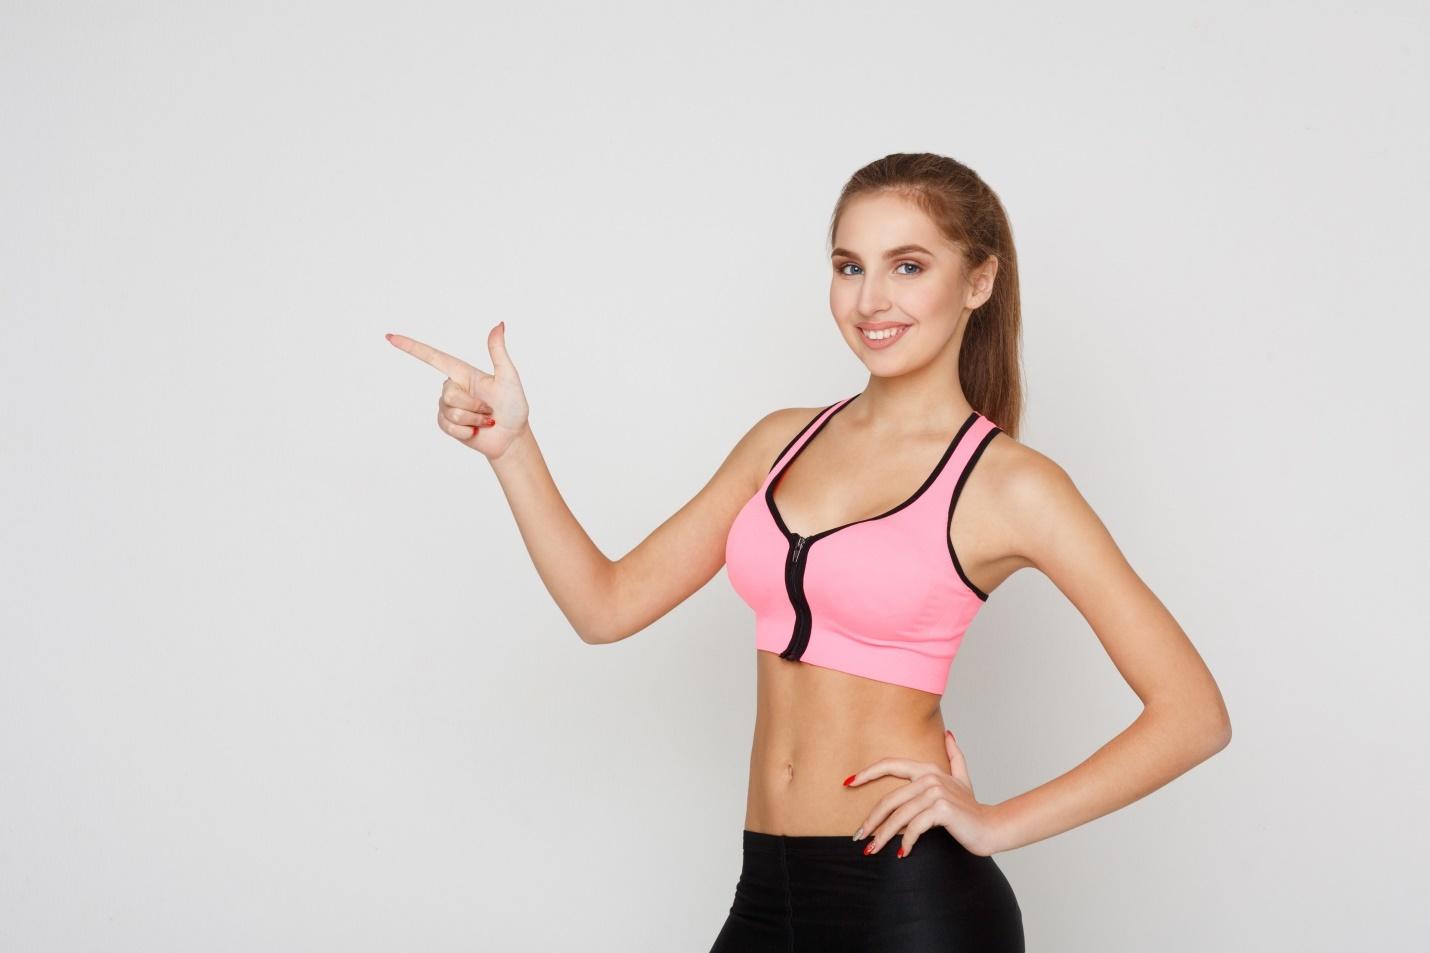 Ăn gì để tăng cân hiệu quả?